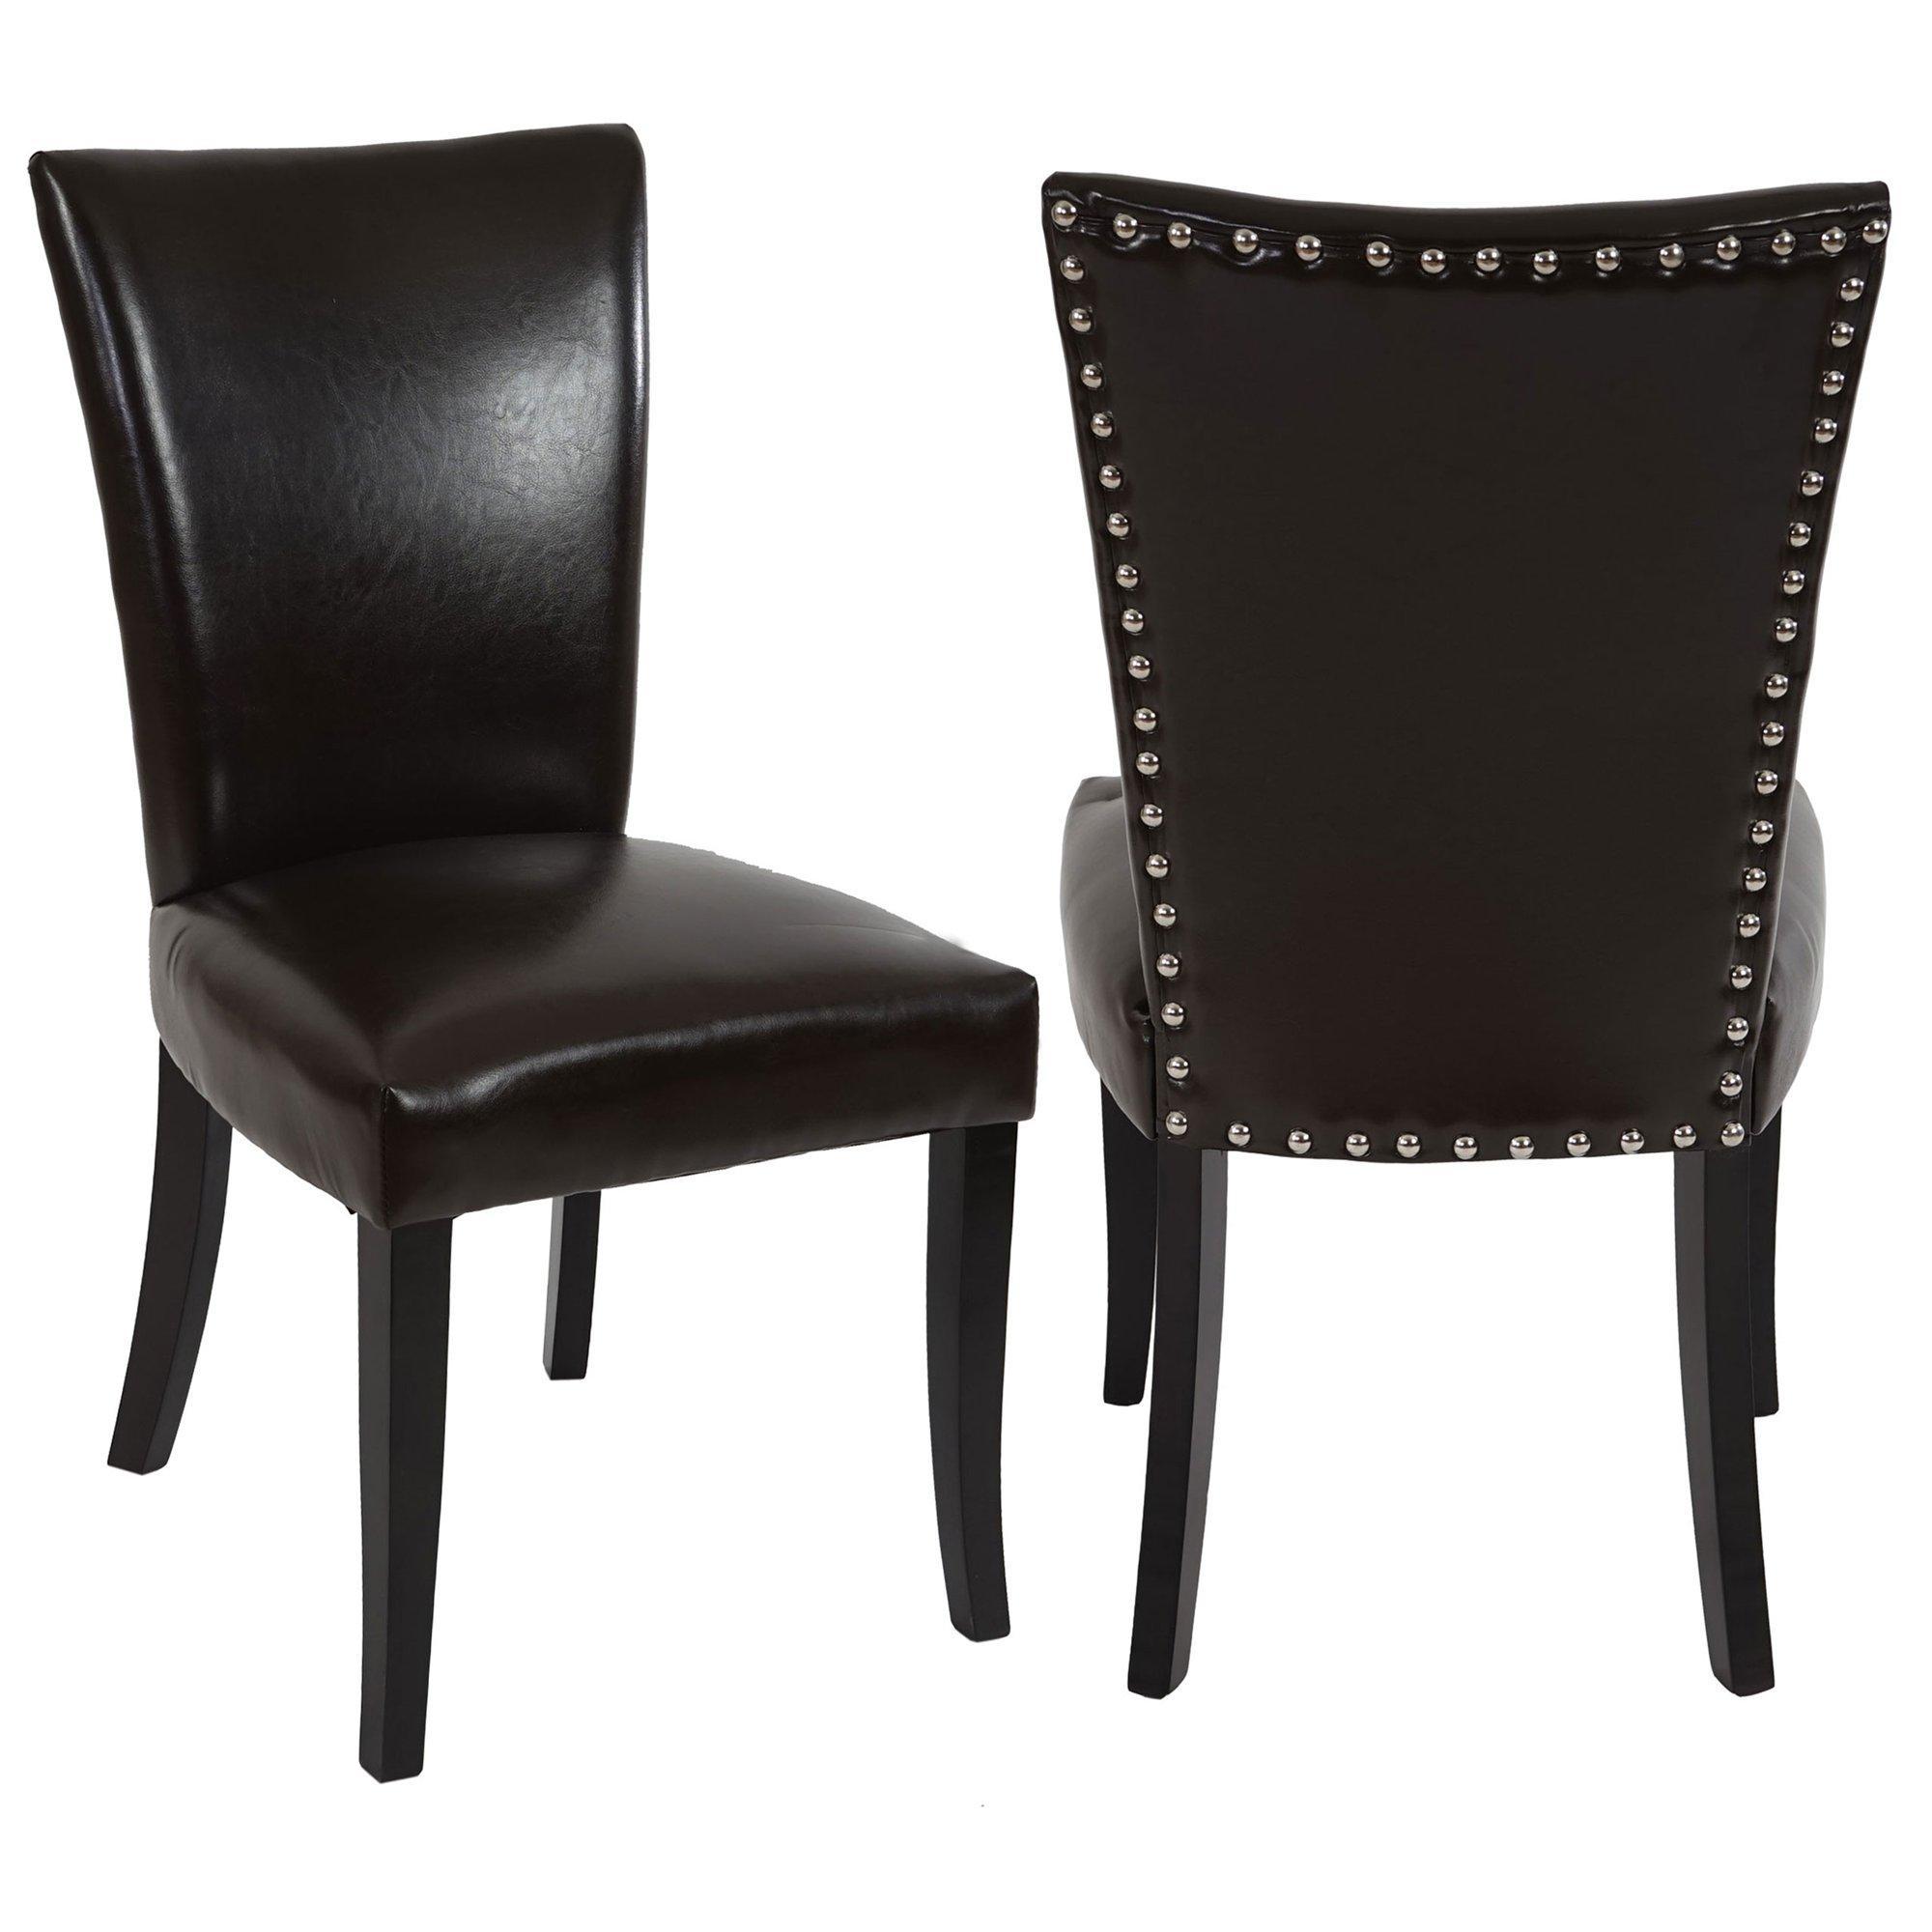 Lote de 2 sillas de comedor AUGUSTO, piel marrón y patas oscuras ...